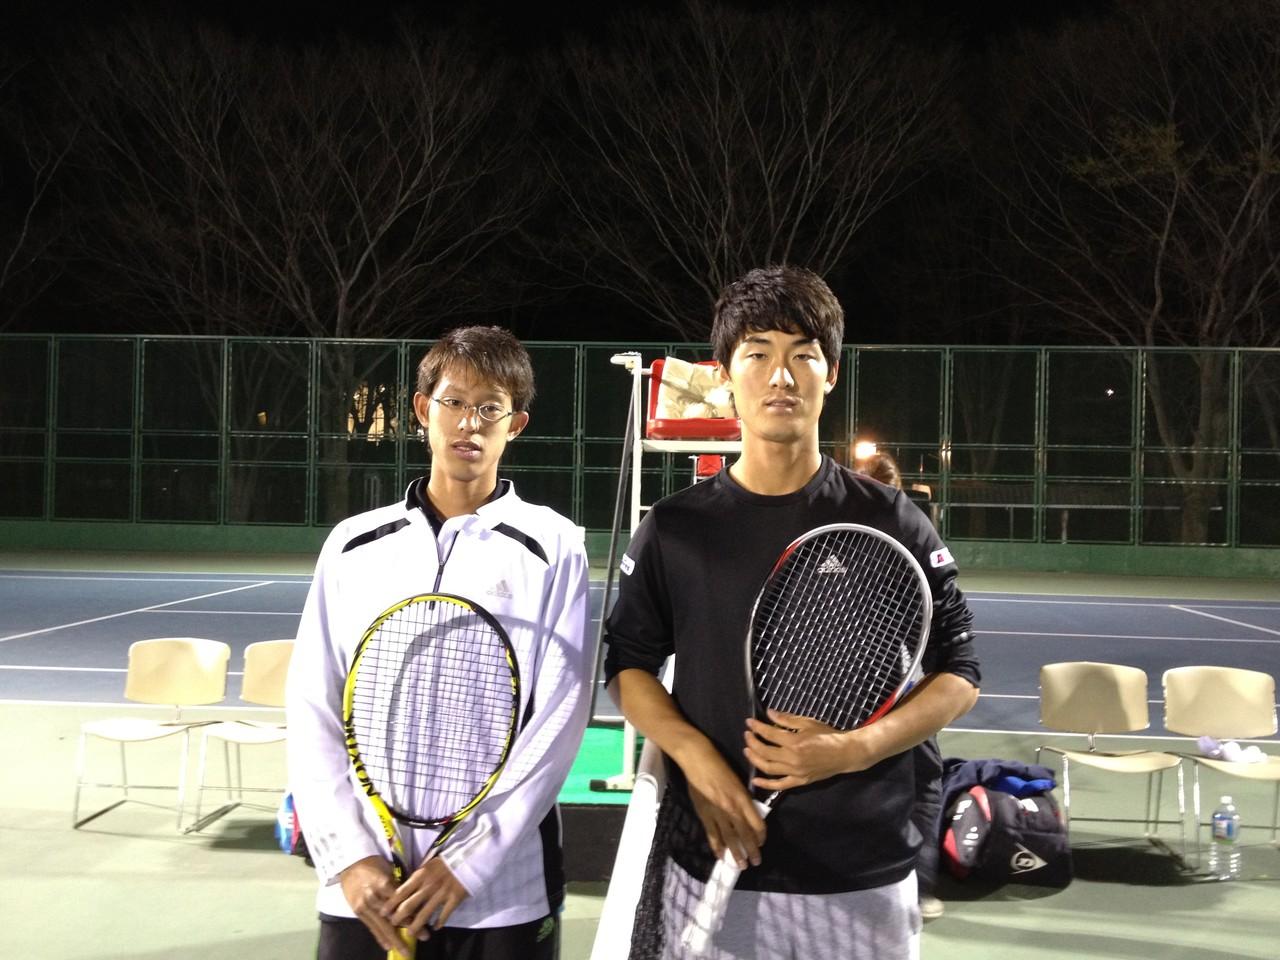 吉開健太 VS KIM, Cheong-Eui